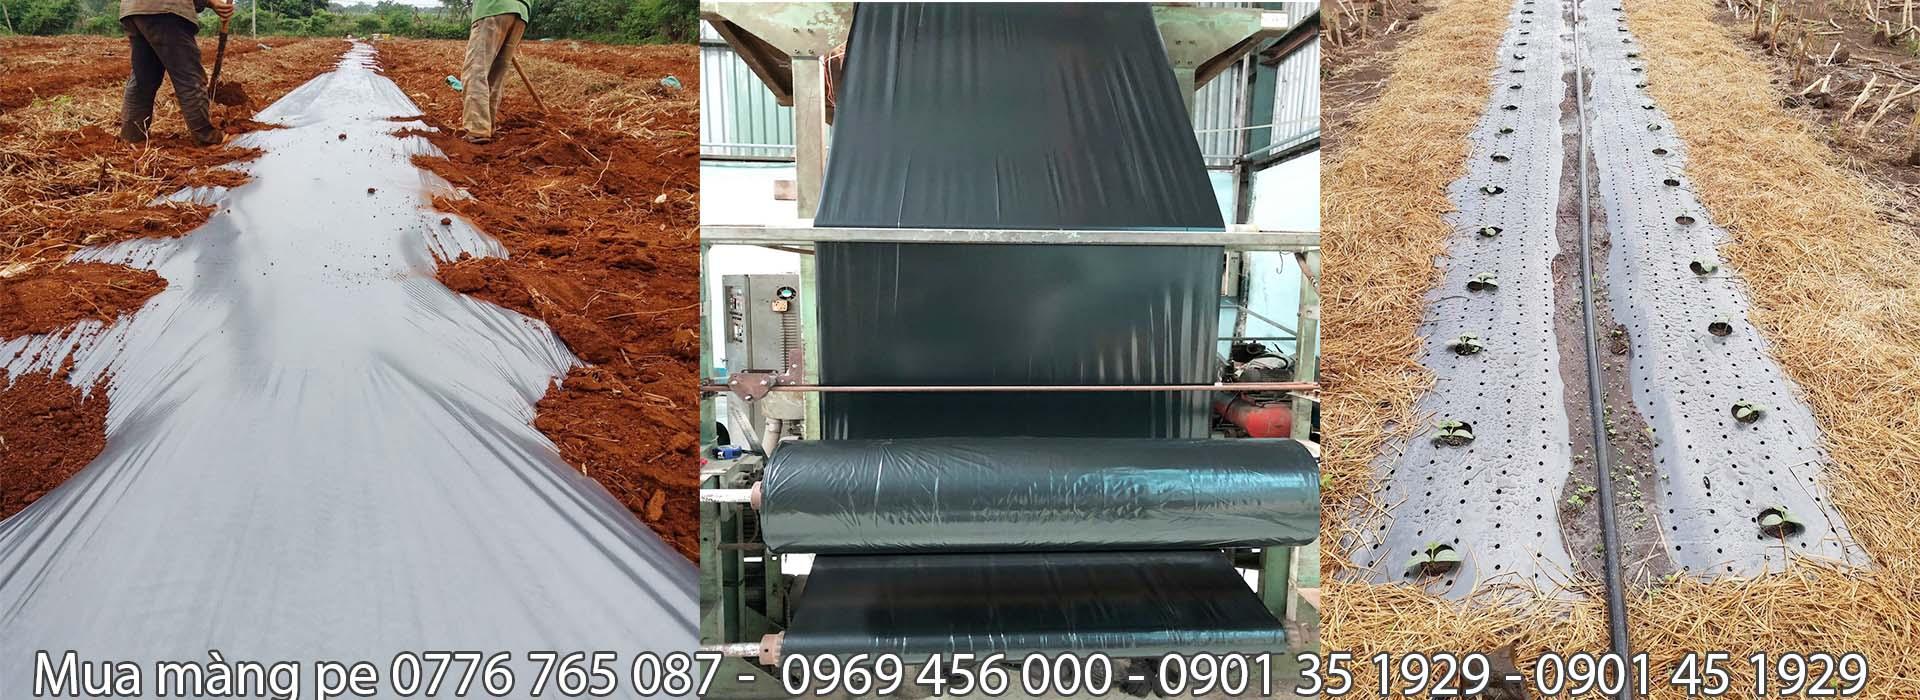 Màng PE đen 2 zem khổ 1M × 400M( Cuộn)